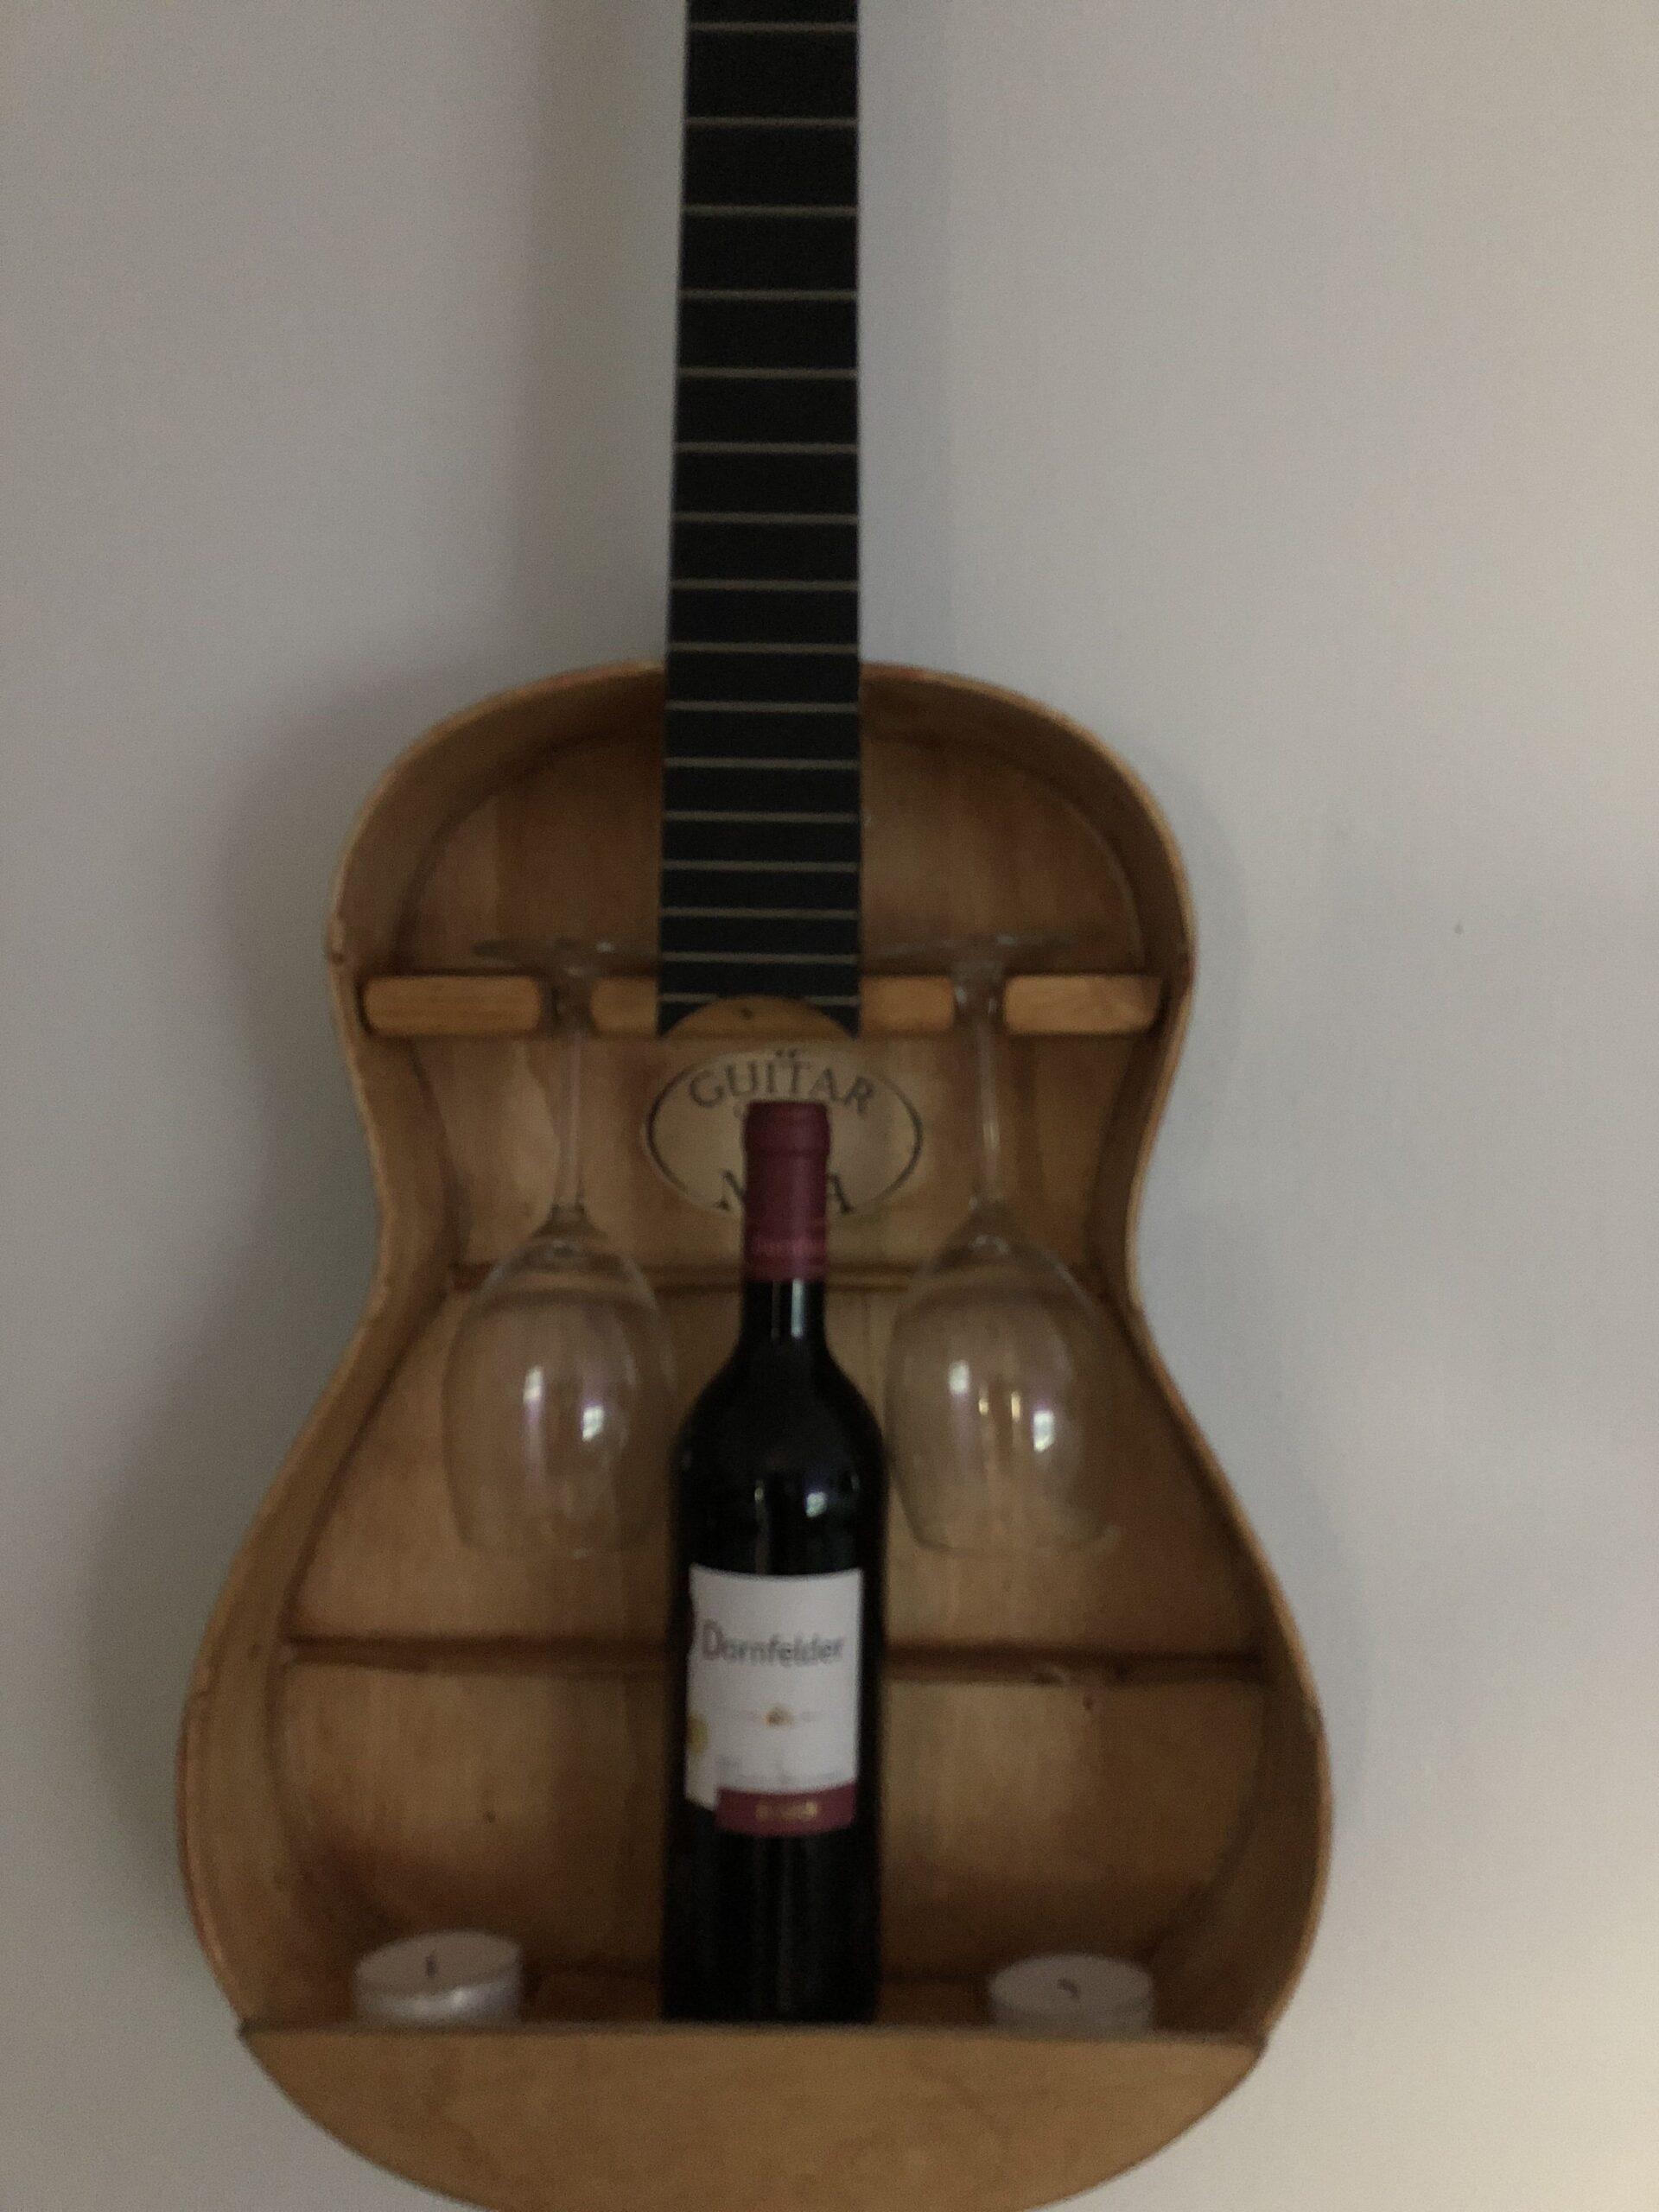 Full Size of Weinregal Schwarz Stahl Selber Bauen Hornbach Design Coop Metall Gitarre Wein Regal Gitarren Schuh Dachschräge Weiß Kleine Regale Kinderzimmer Cd Schmal Regal Wein Regal